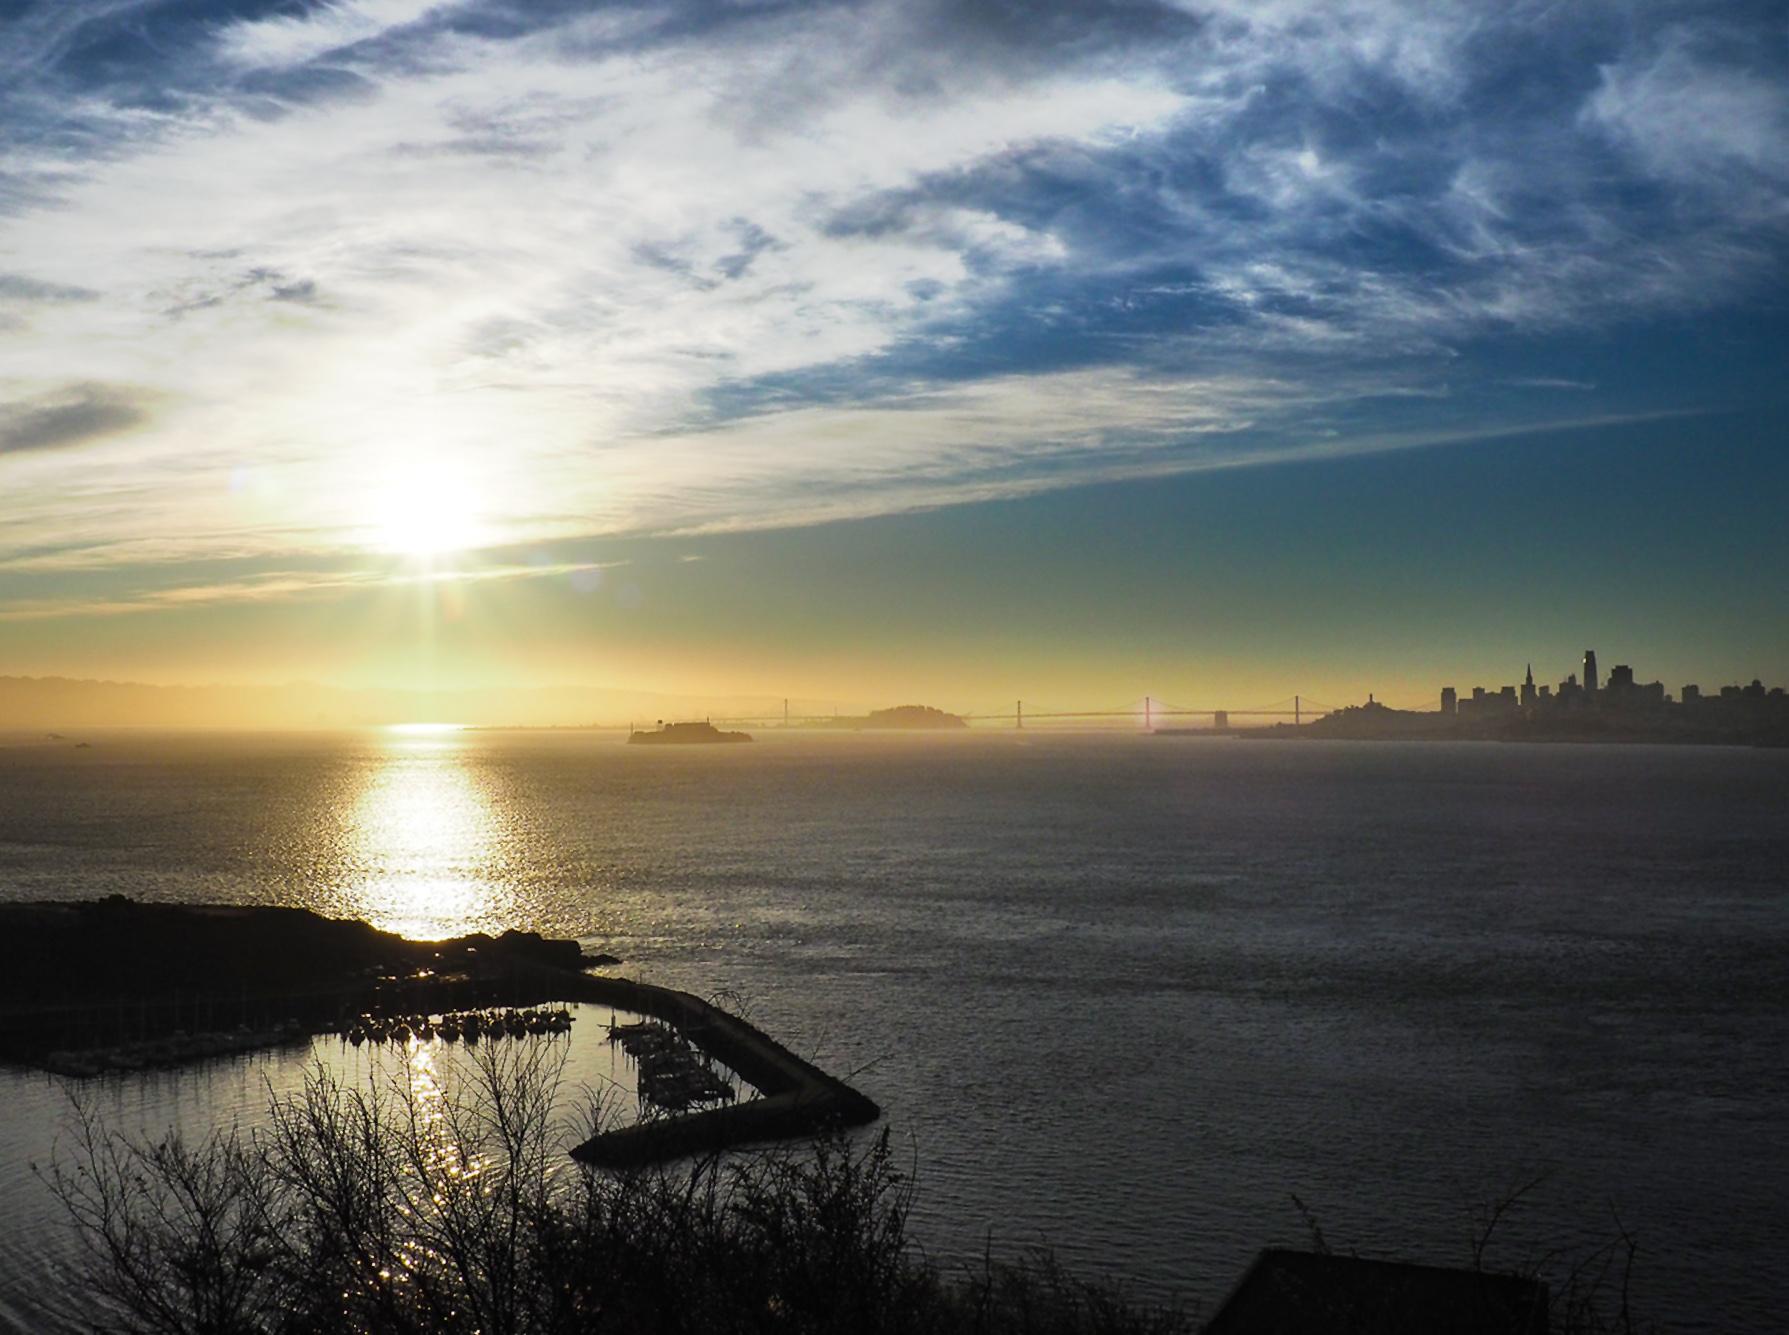 Sonnenaufgang über San Francisco von unserem Schlafplatz aus